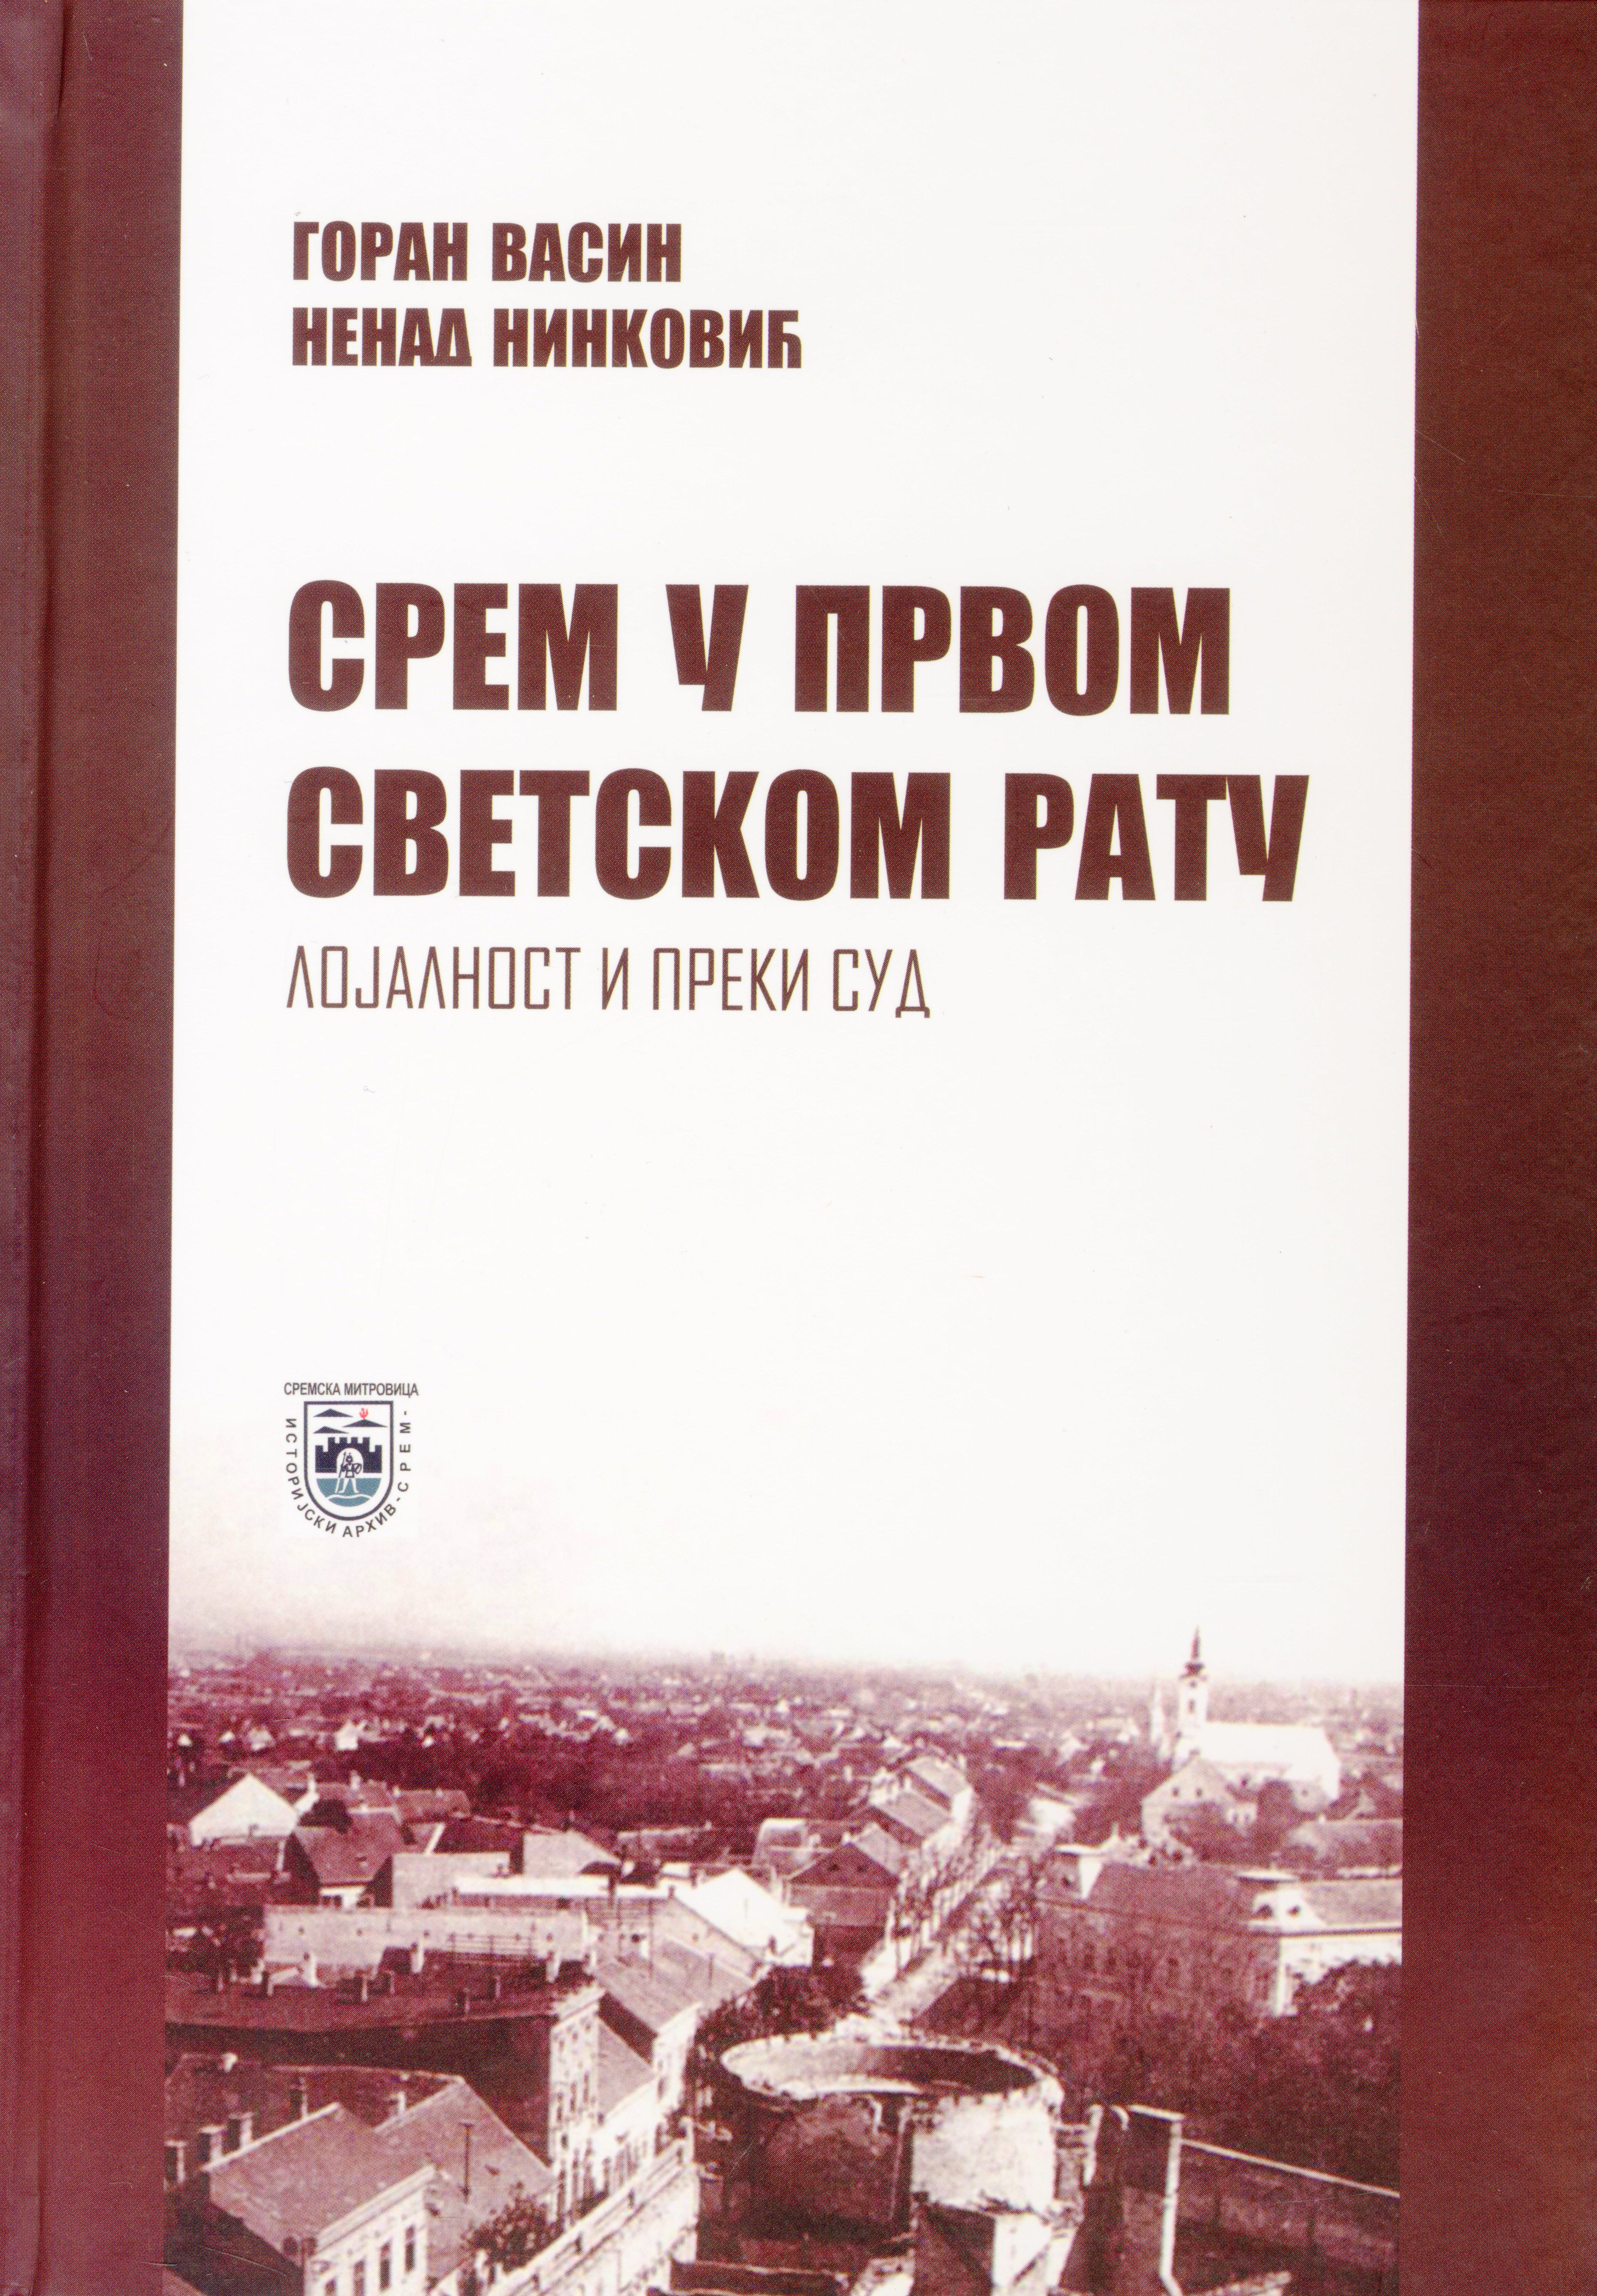 knjige011